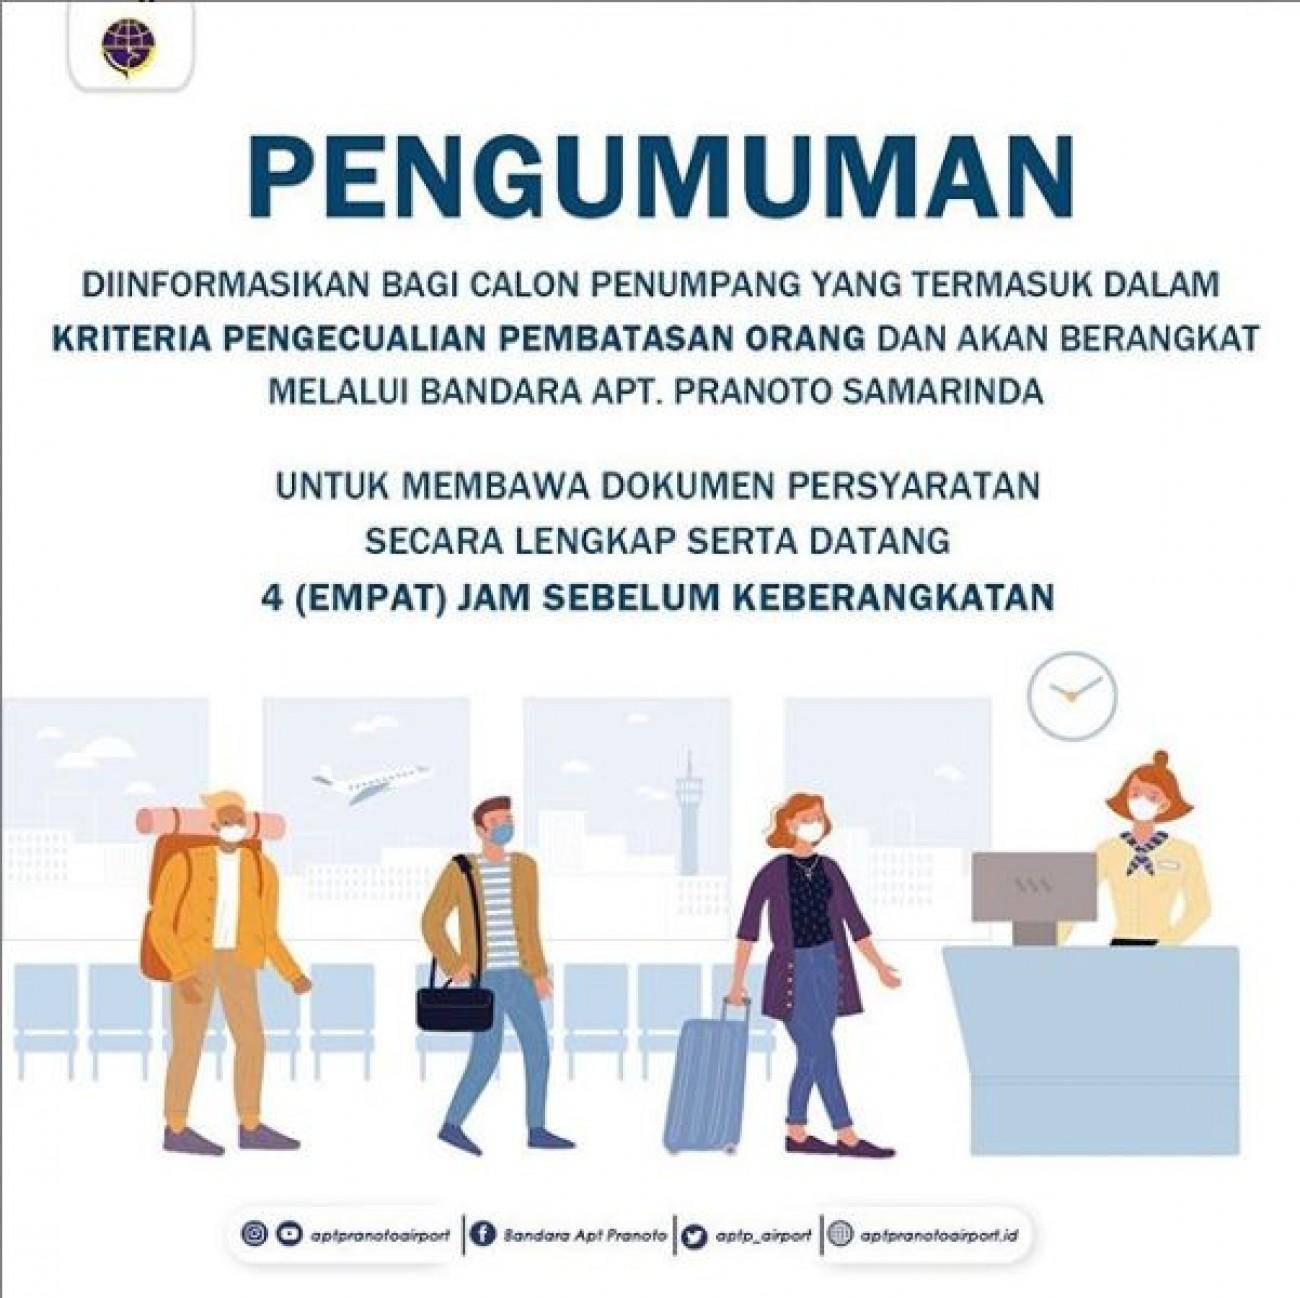 Informasi Bagi Penumpang Bandara APT Pranoto